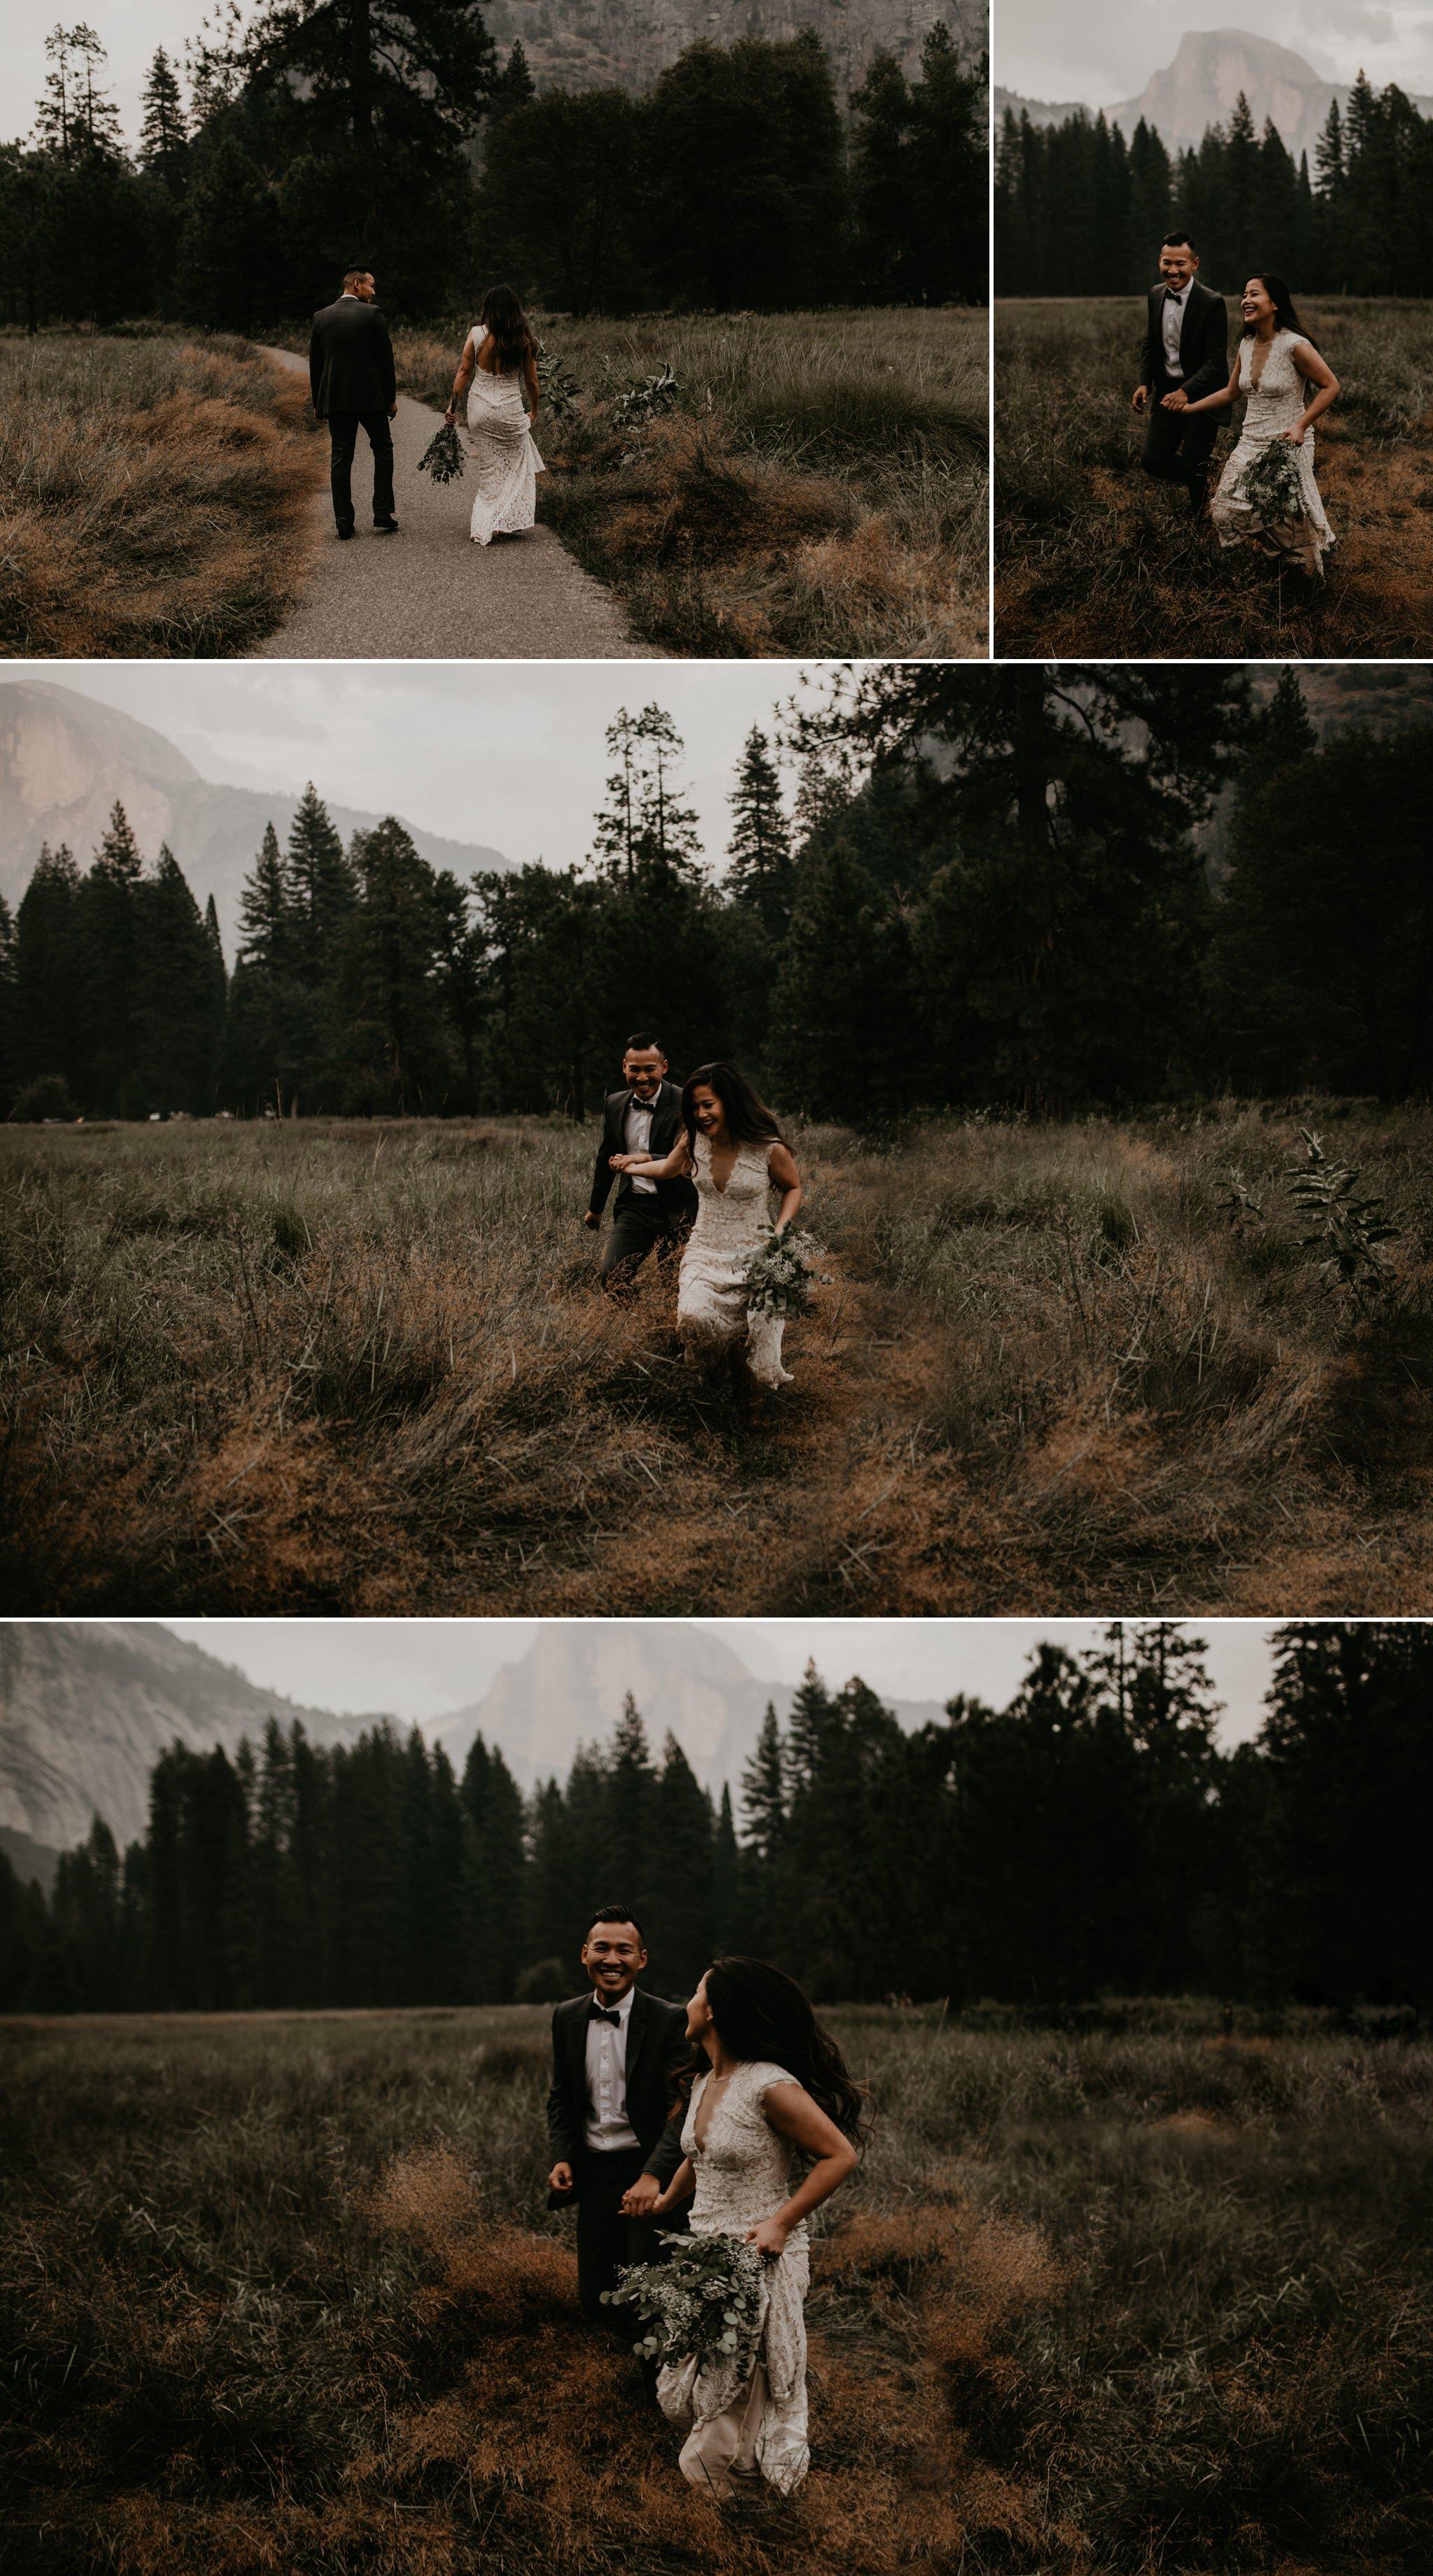 Yosemite-Elopement-Photographer12.jpg